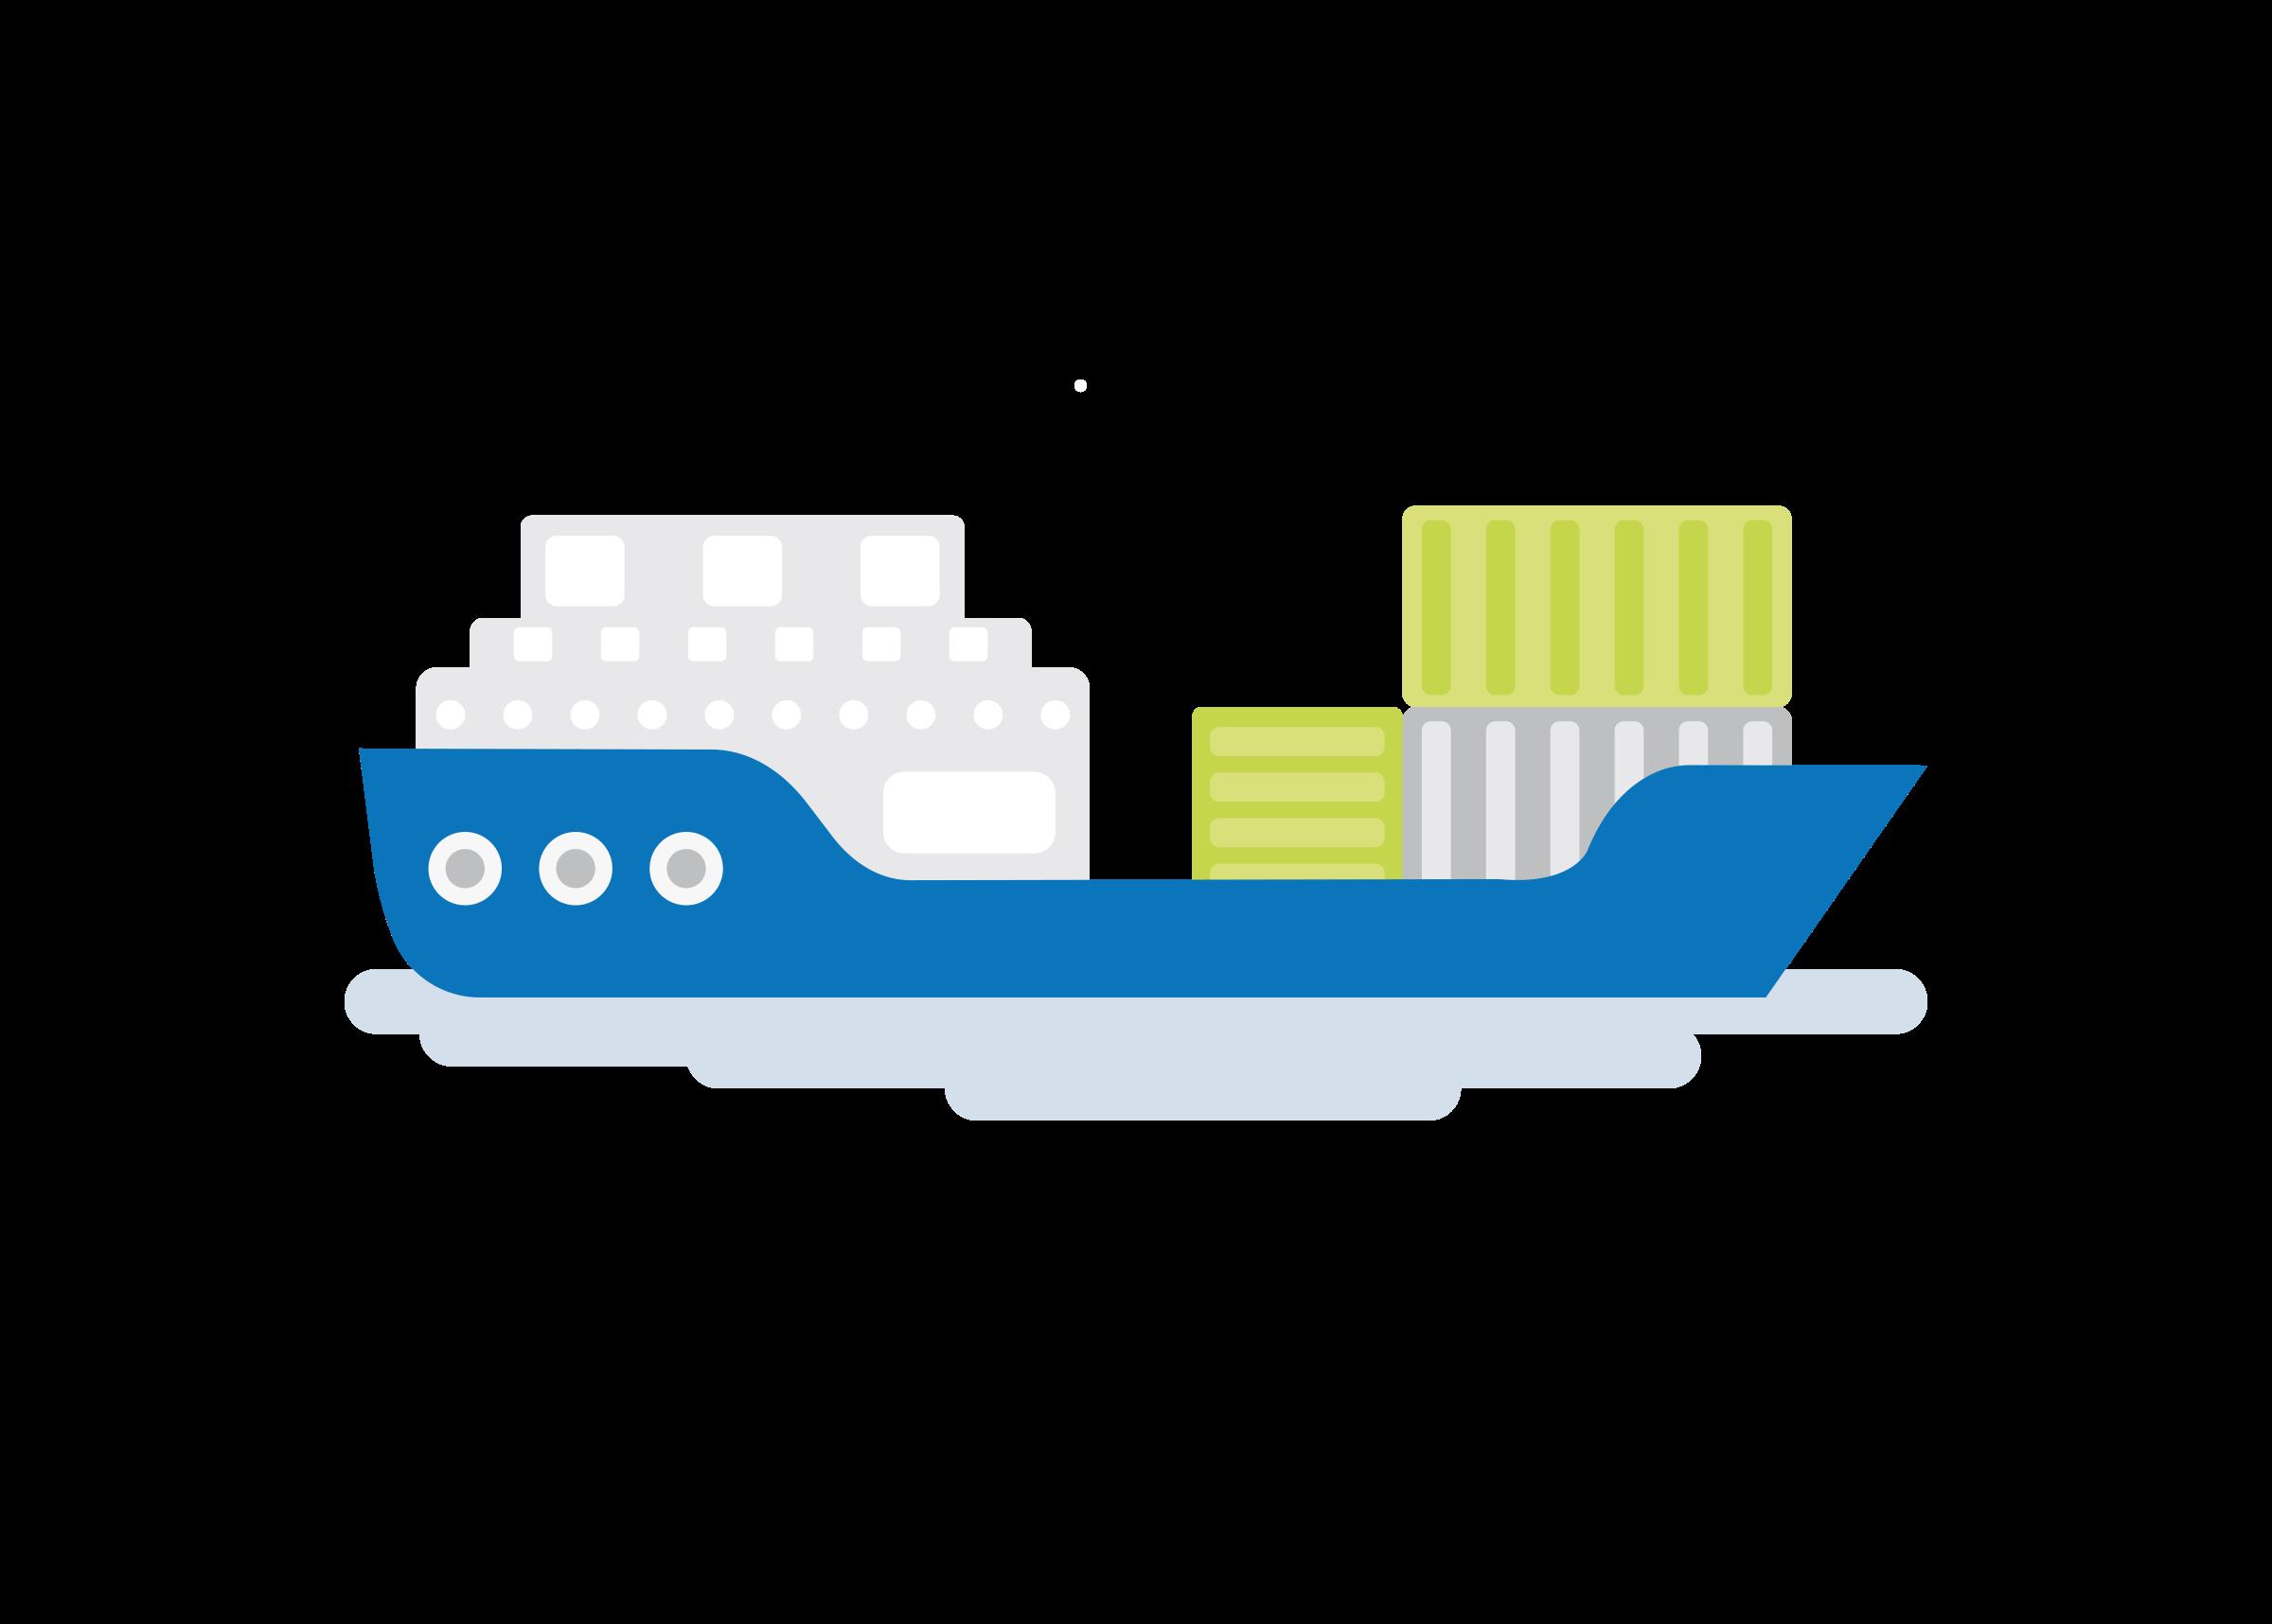 ondersteunende afbeelding van boot in container terminal doesburg kleuren